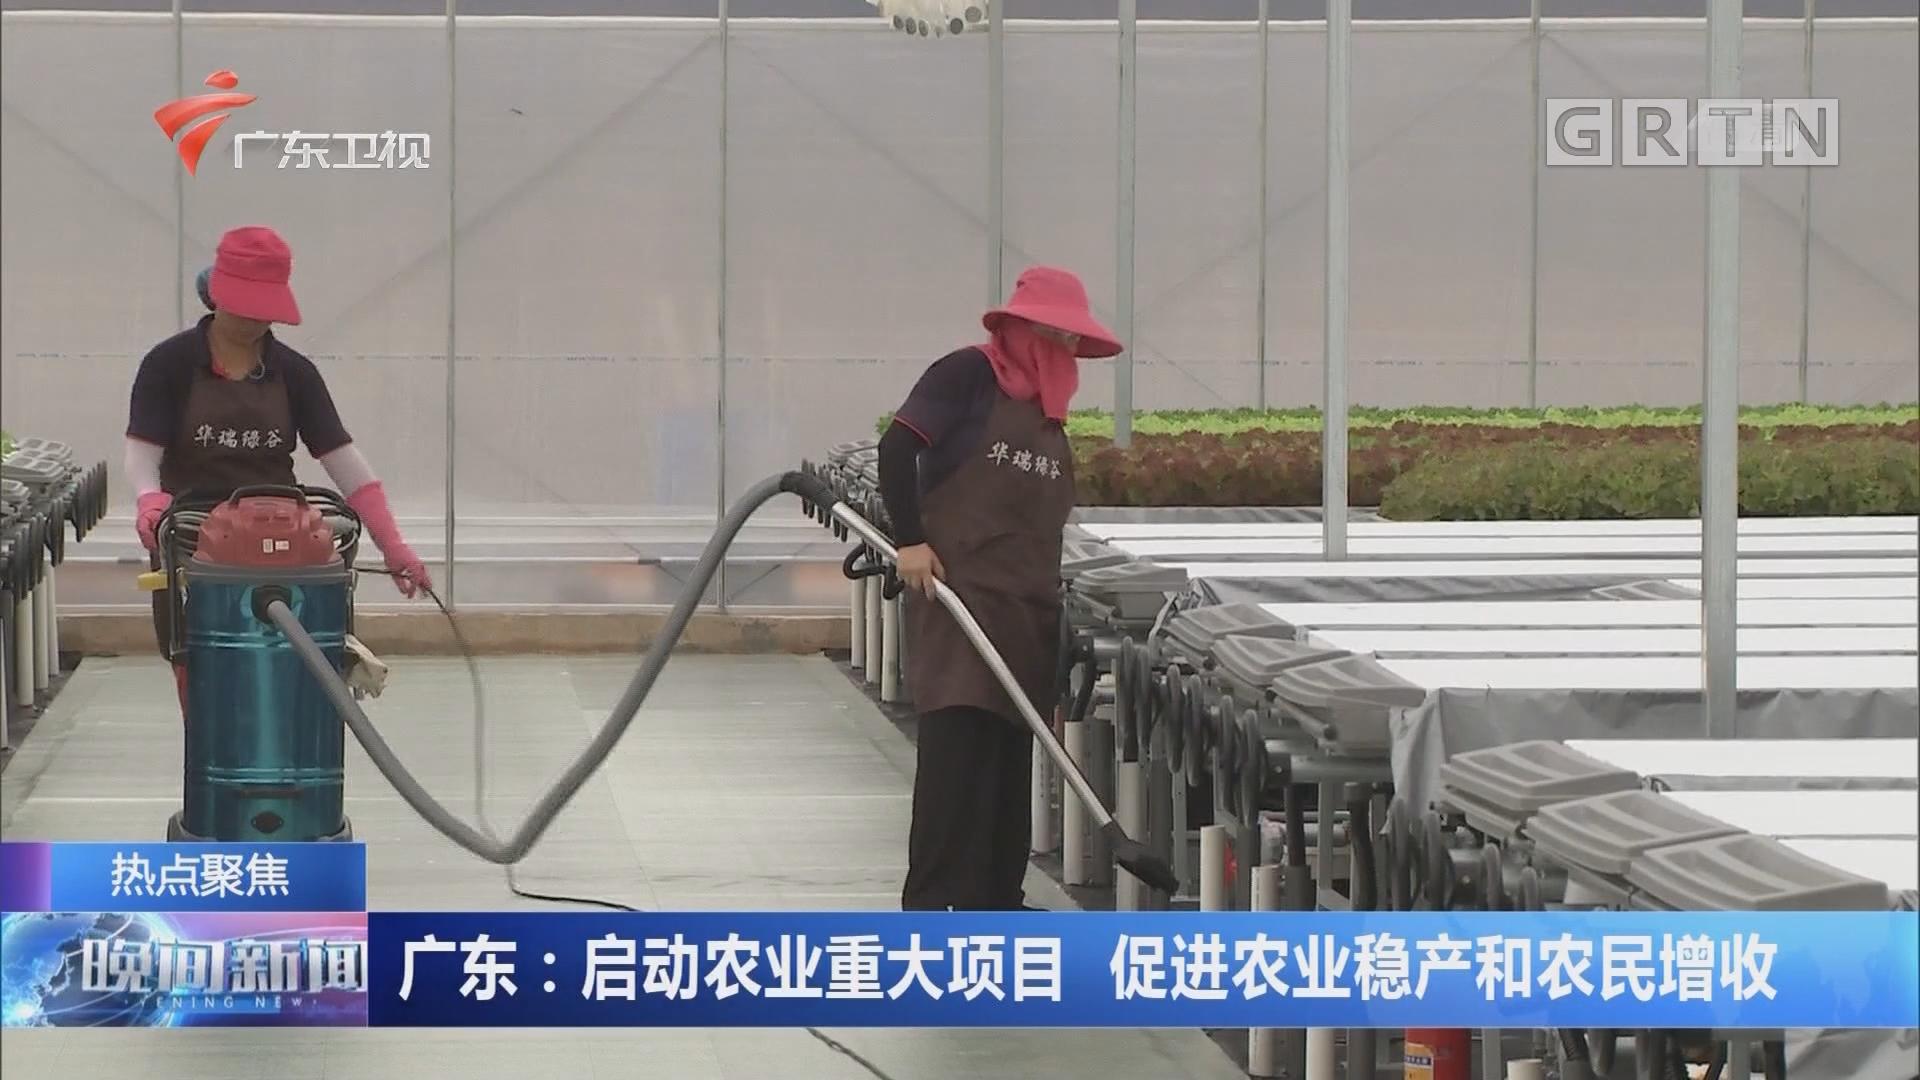 广东:启动农业重大项目 促进农业稳产和农民增收